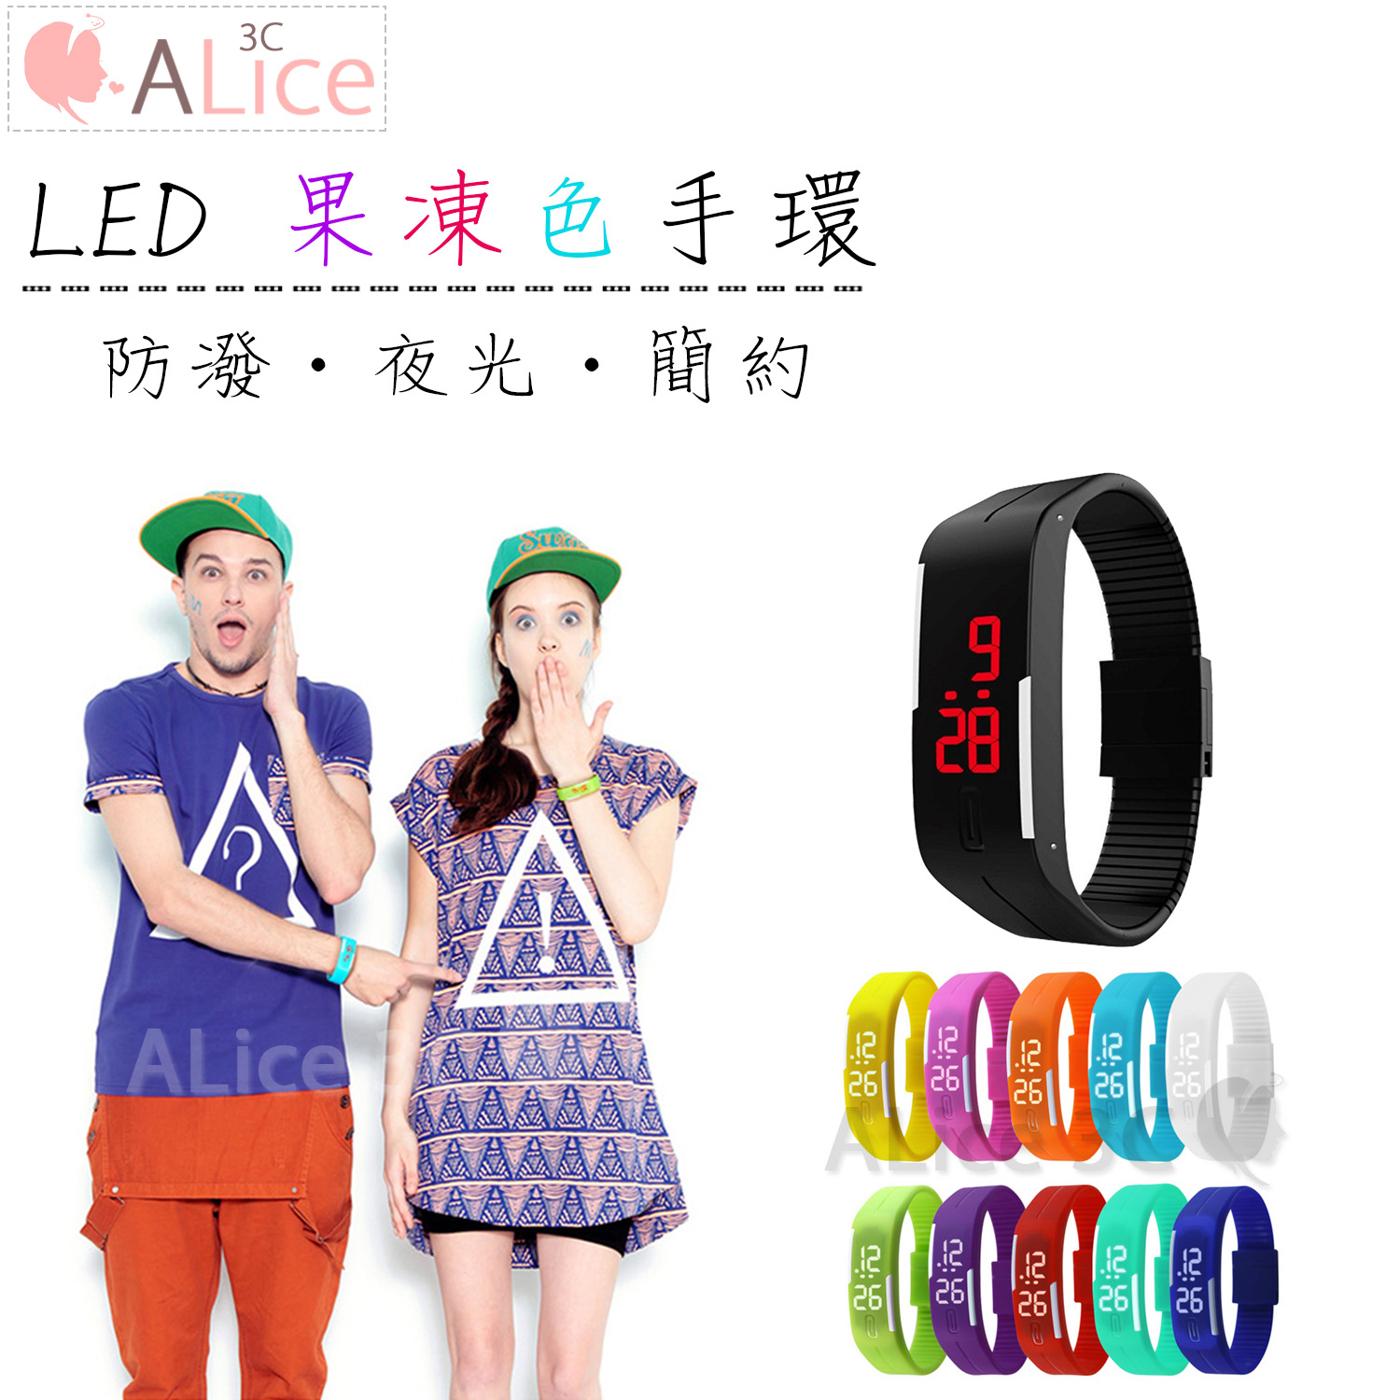 不挑色LED發光運動手錶FA-015手環路跑跑步對錶情侶錶觸控手鐲果凍錶